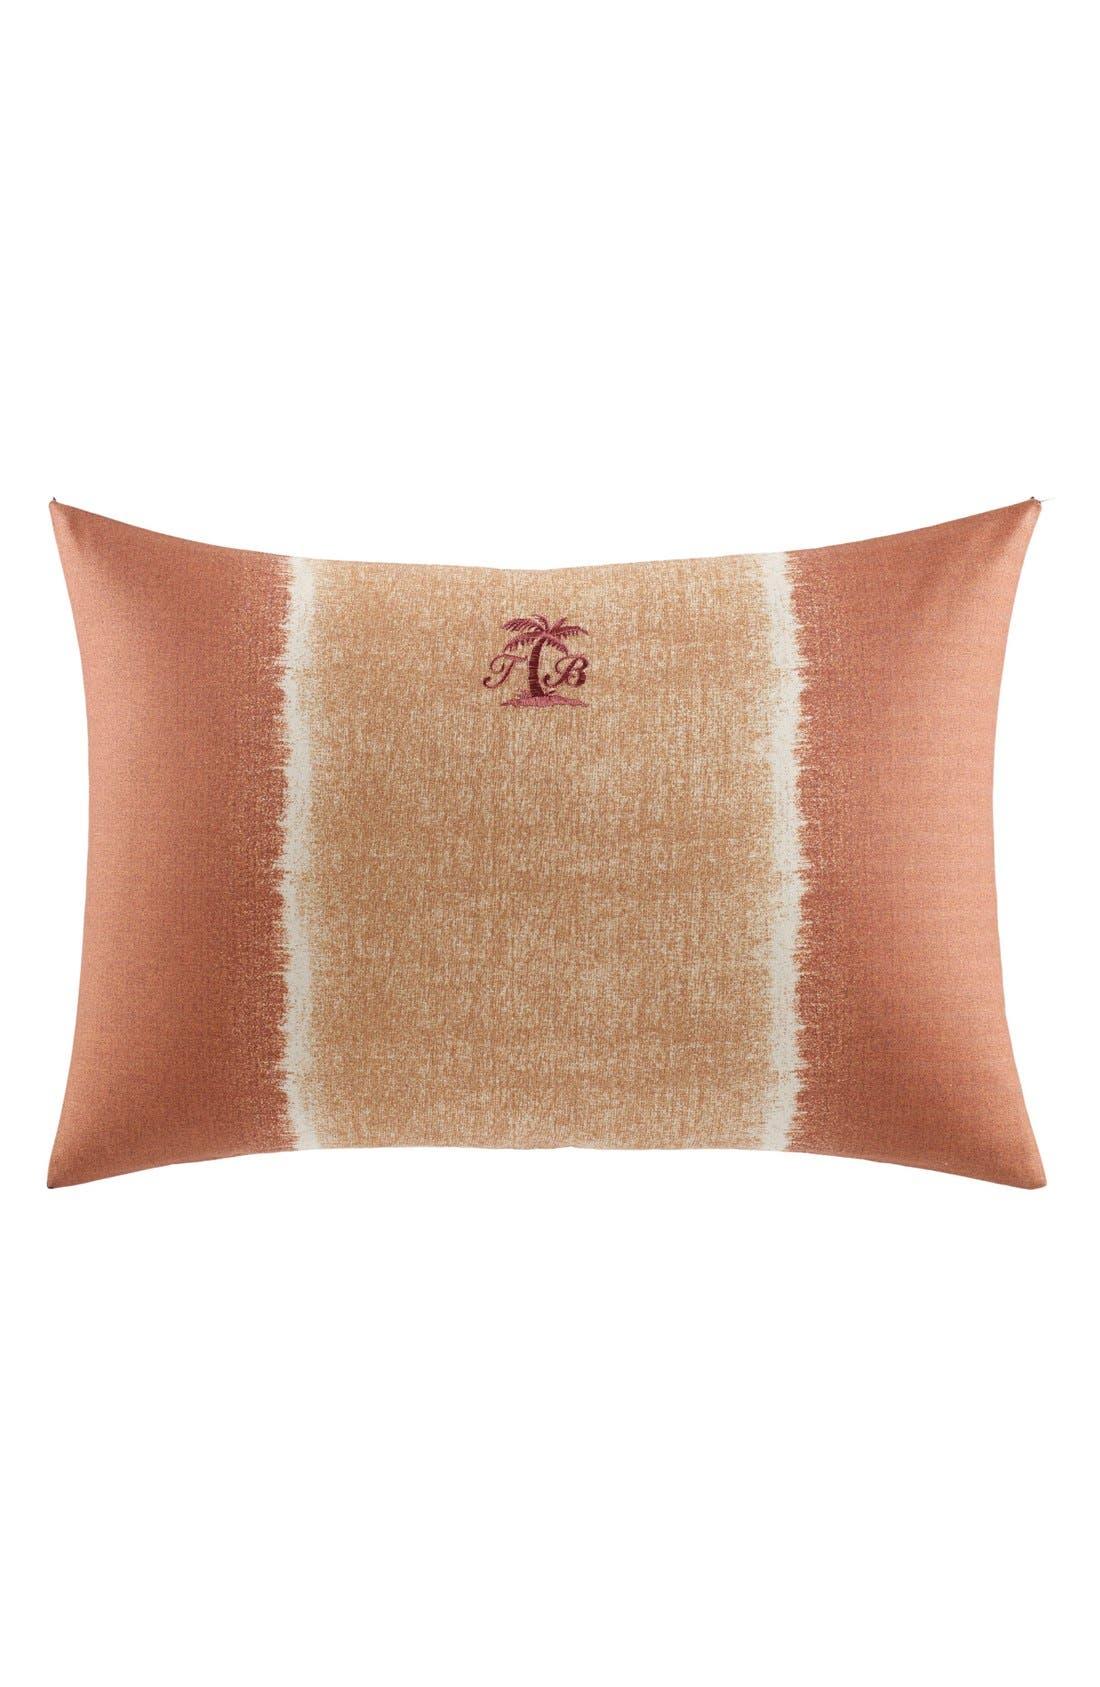 Cayo Coco Ikat Pillow,                             Main thumbnail 1, color,                             200